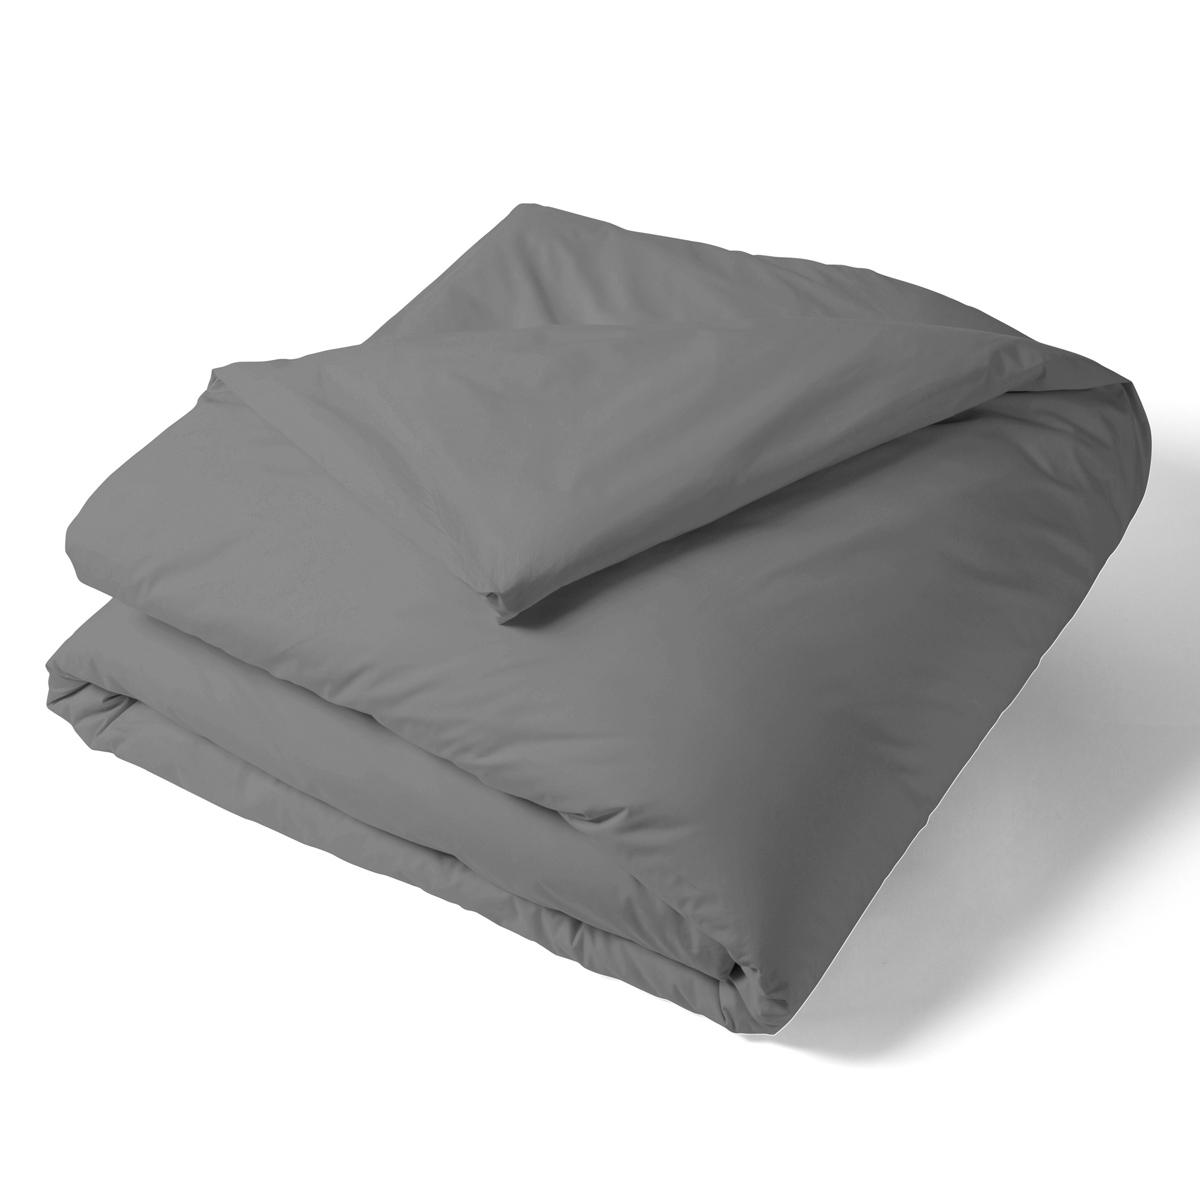 housse de couette unie percale linge de lit de qualit